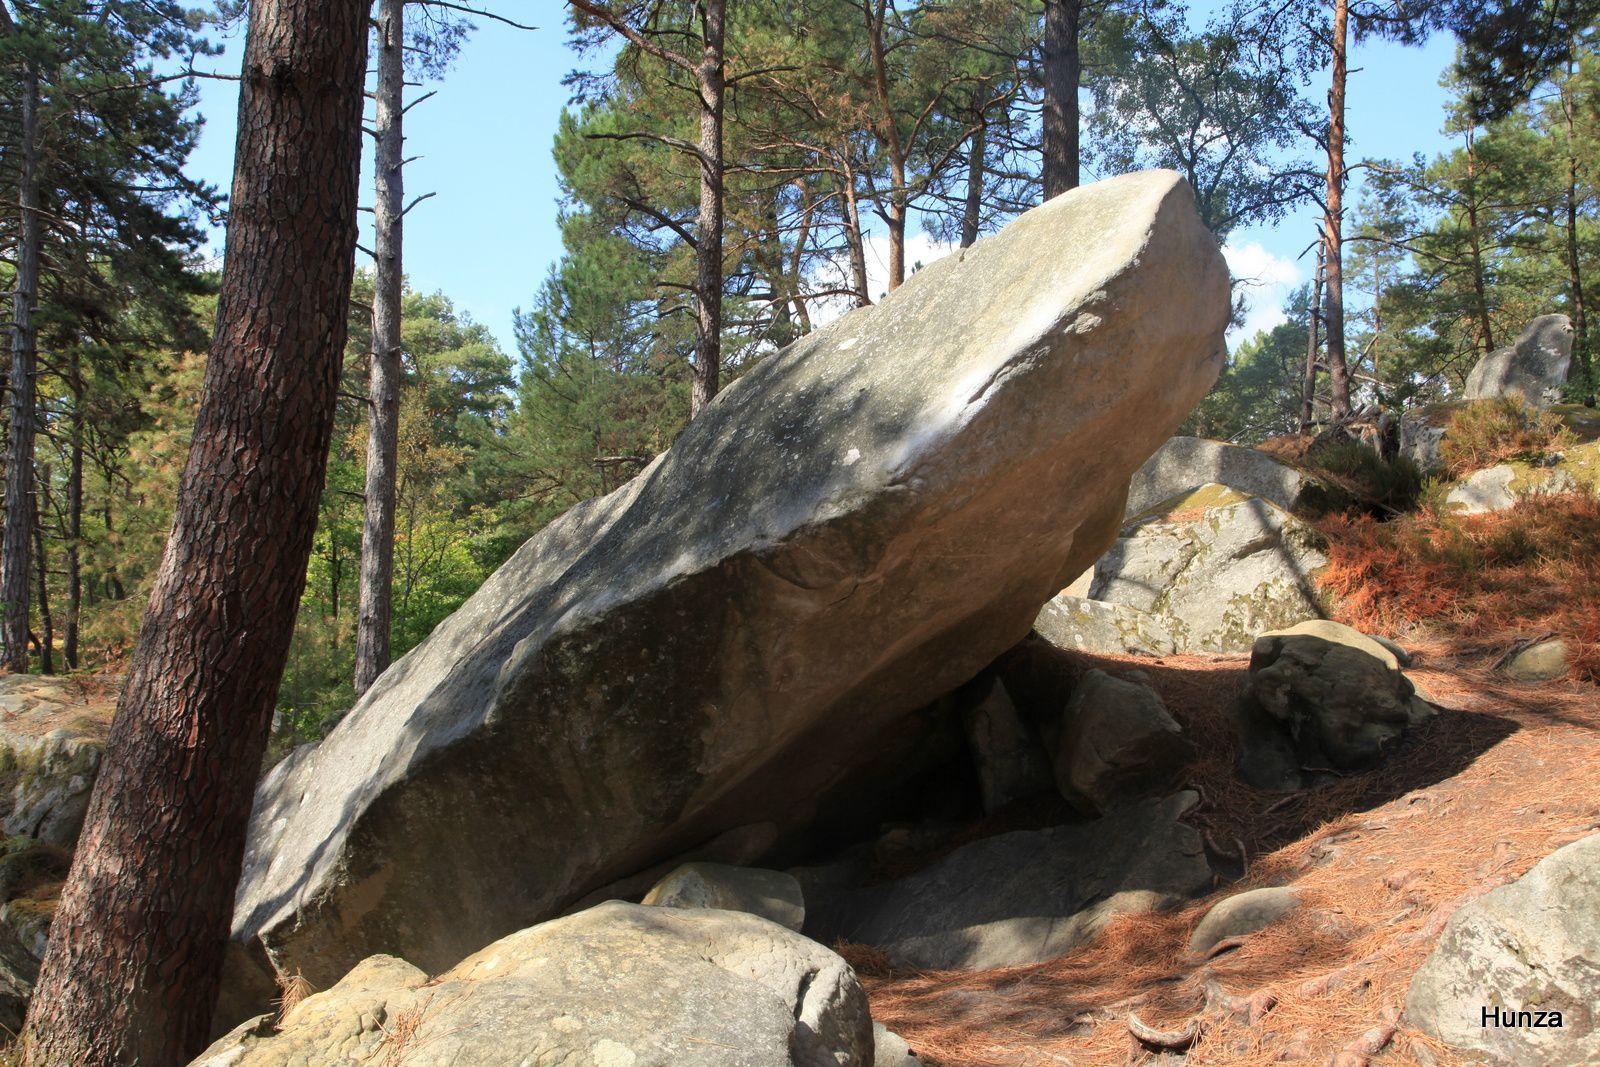 Une journée à Fontainebleau : visite du château et randonnée en forêt au Rocher d'Avon